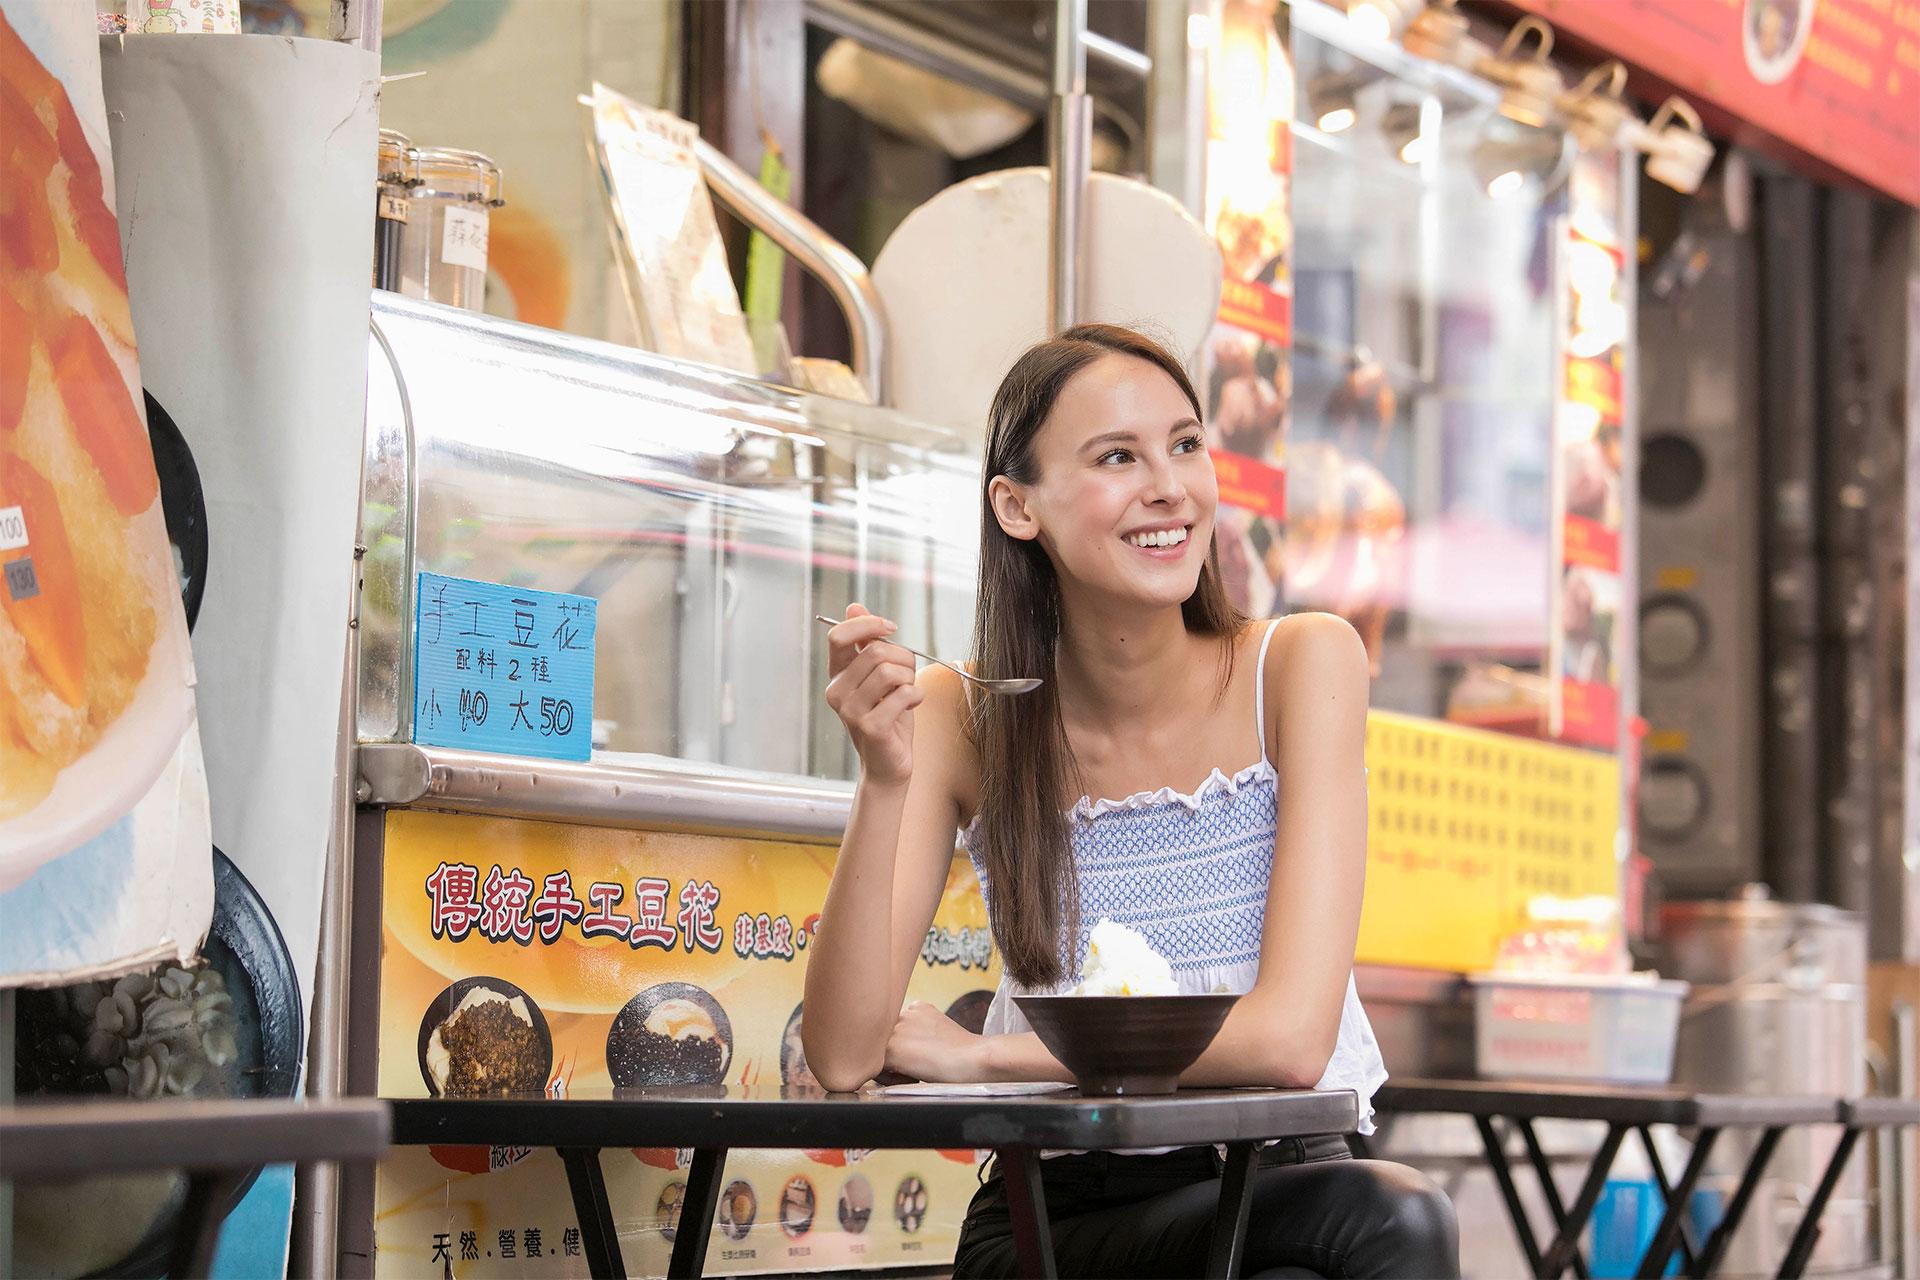 Wazaiii Give Me 5-Mia白彌兒與她鍾愛的五樣臺灣小吃